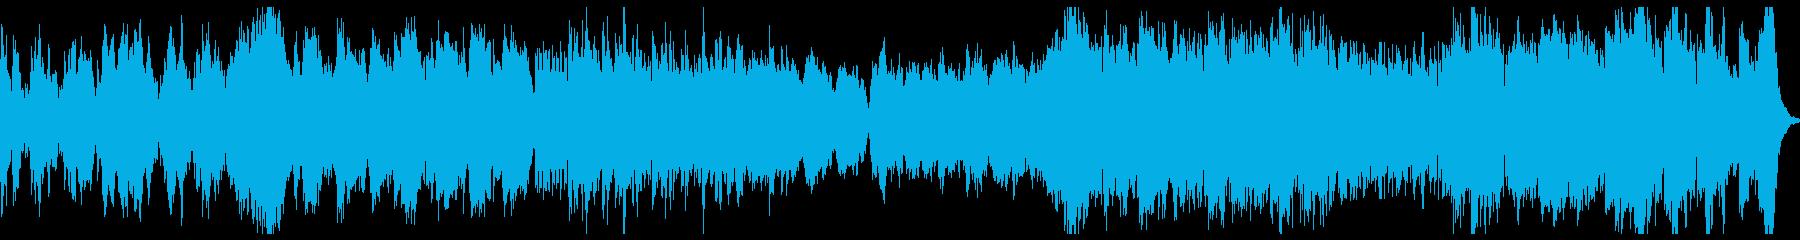 正統派オーケストラ / 前向き / PVの再生済みの波形